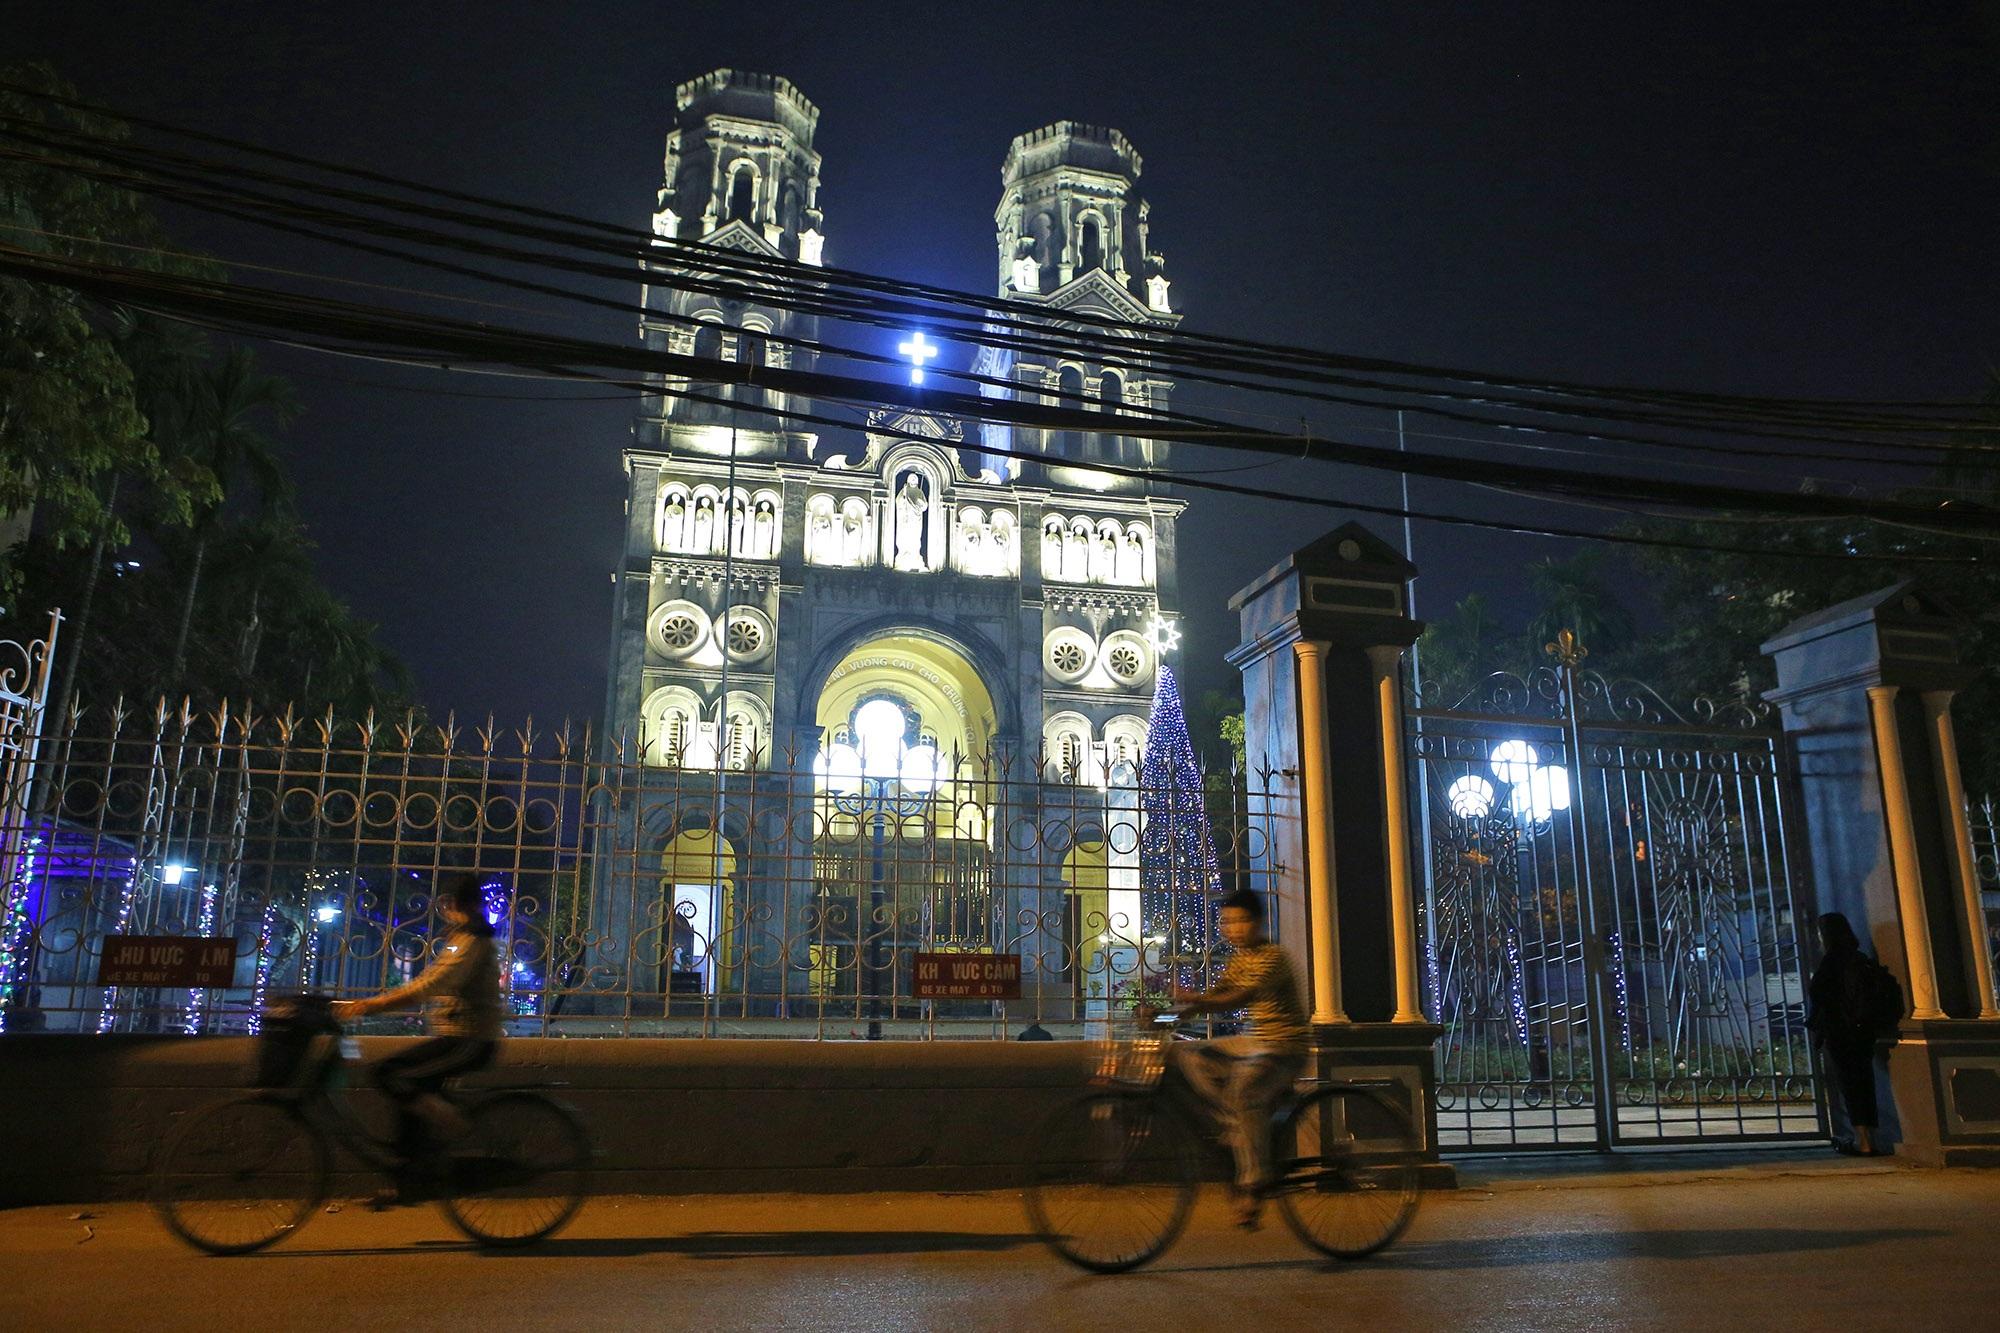 Các nhà thờ tại Hà Nội tỏa sáng lung linh chờ đón Noel 2019 - 1